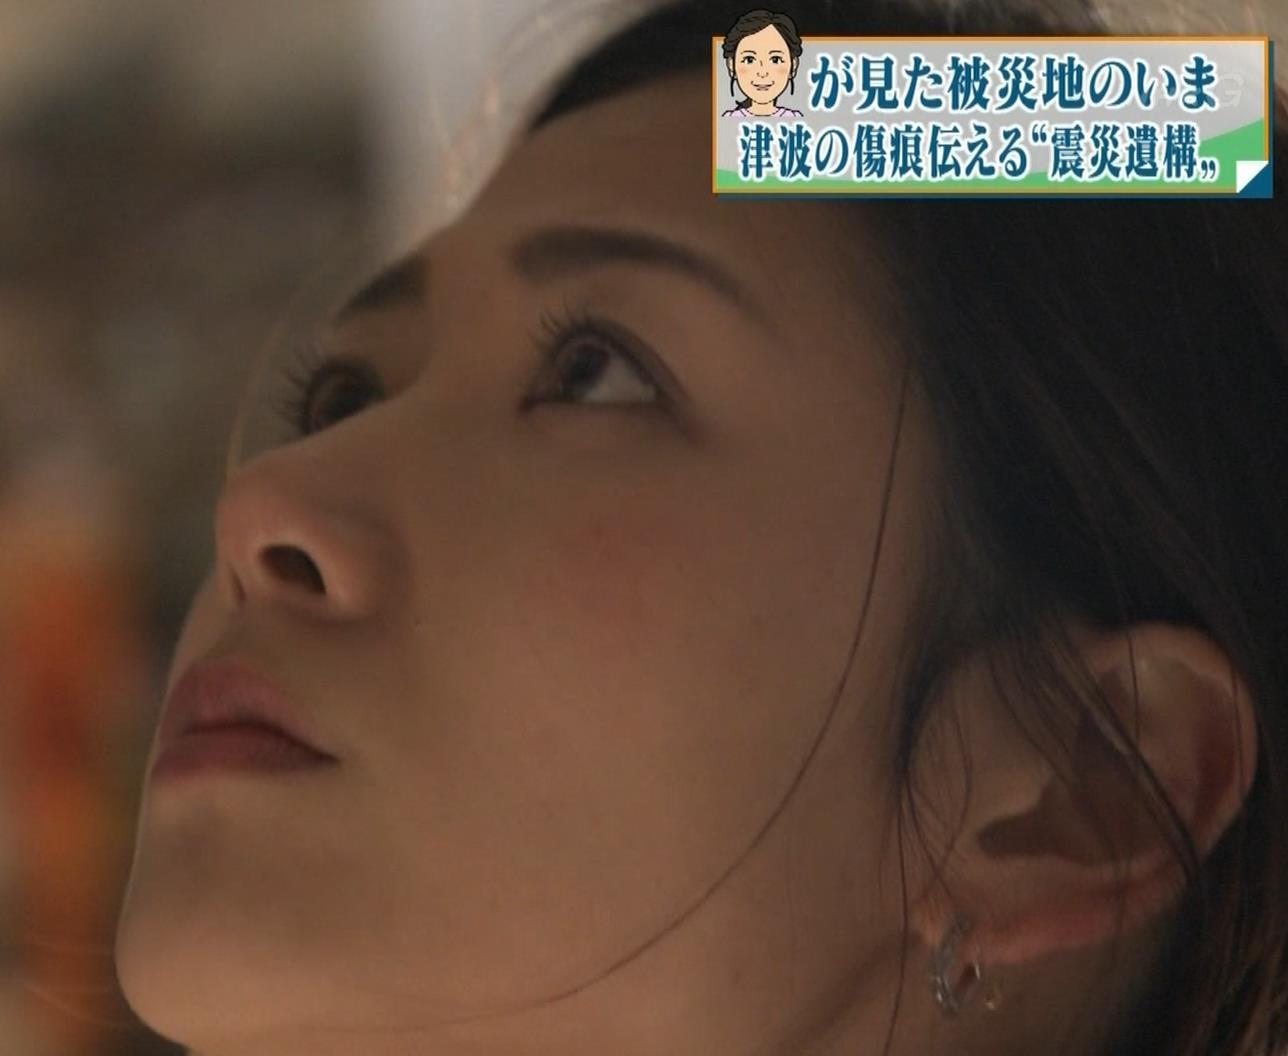 桑子真帆アナ ジャケットの下のニット巨乳キャプ・エロ画像5